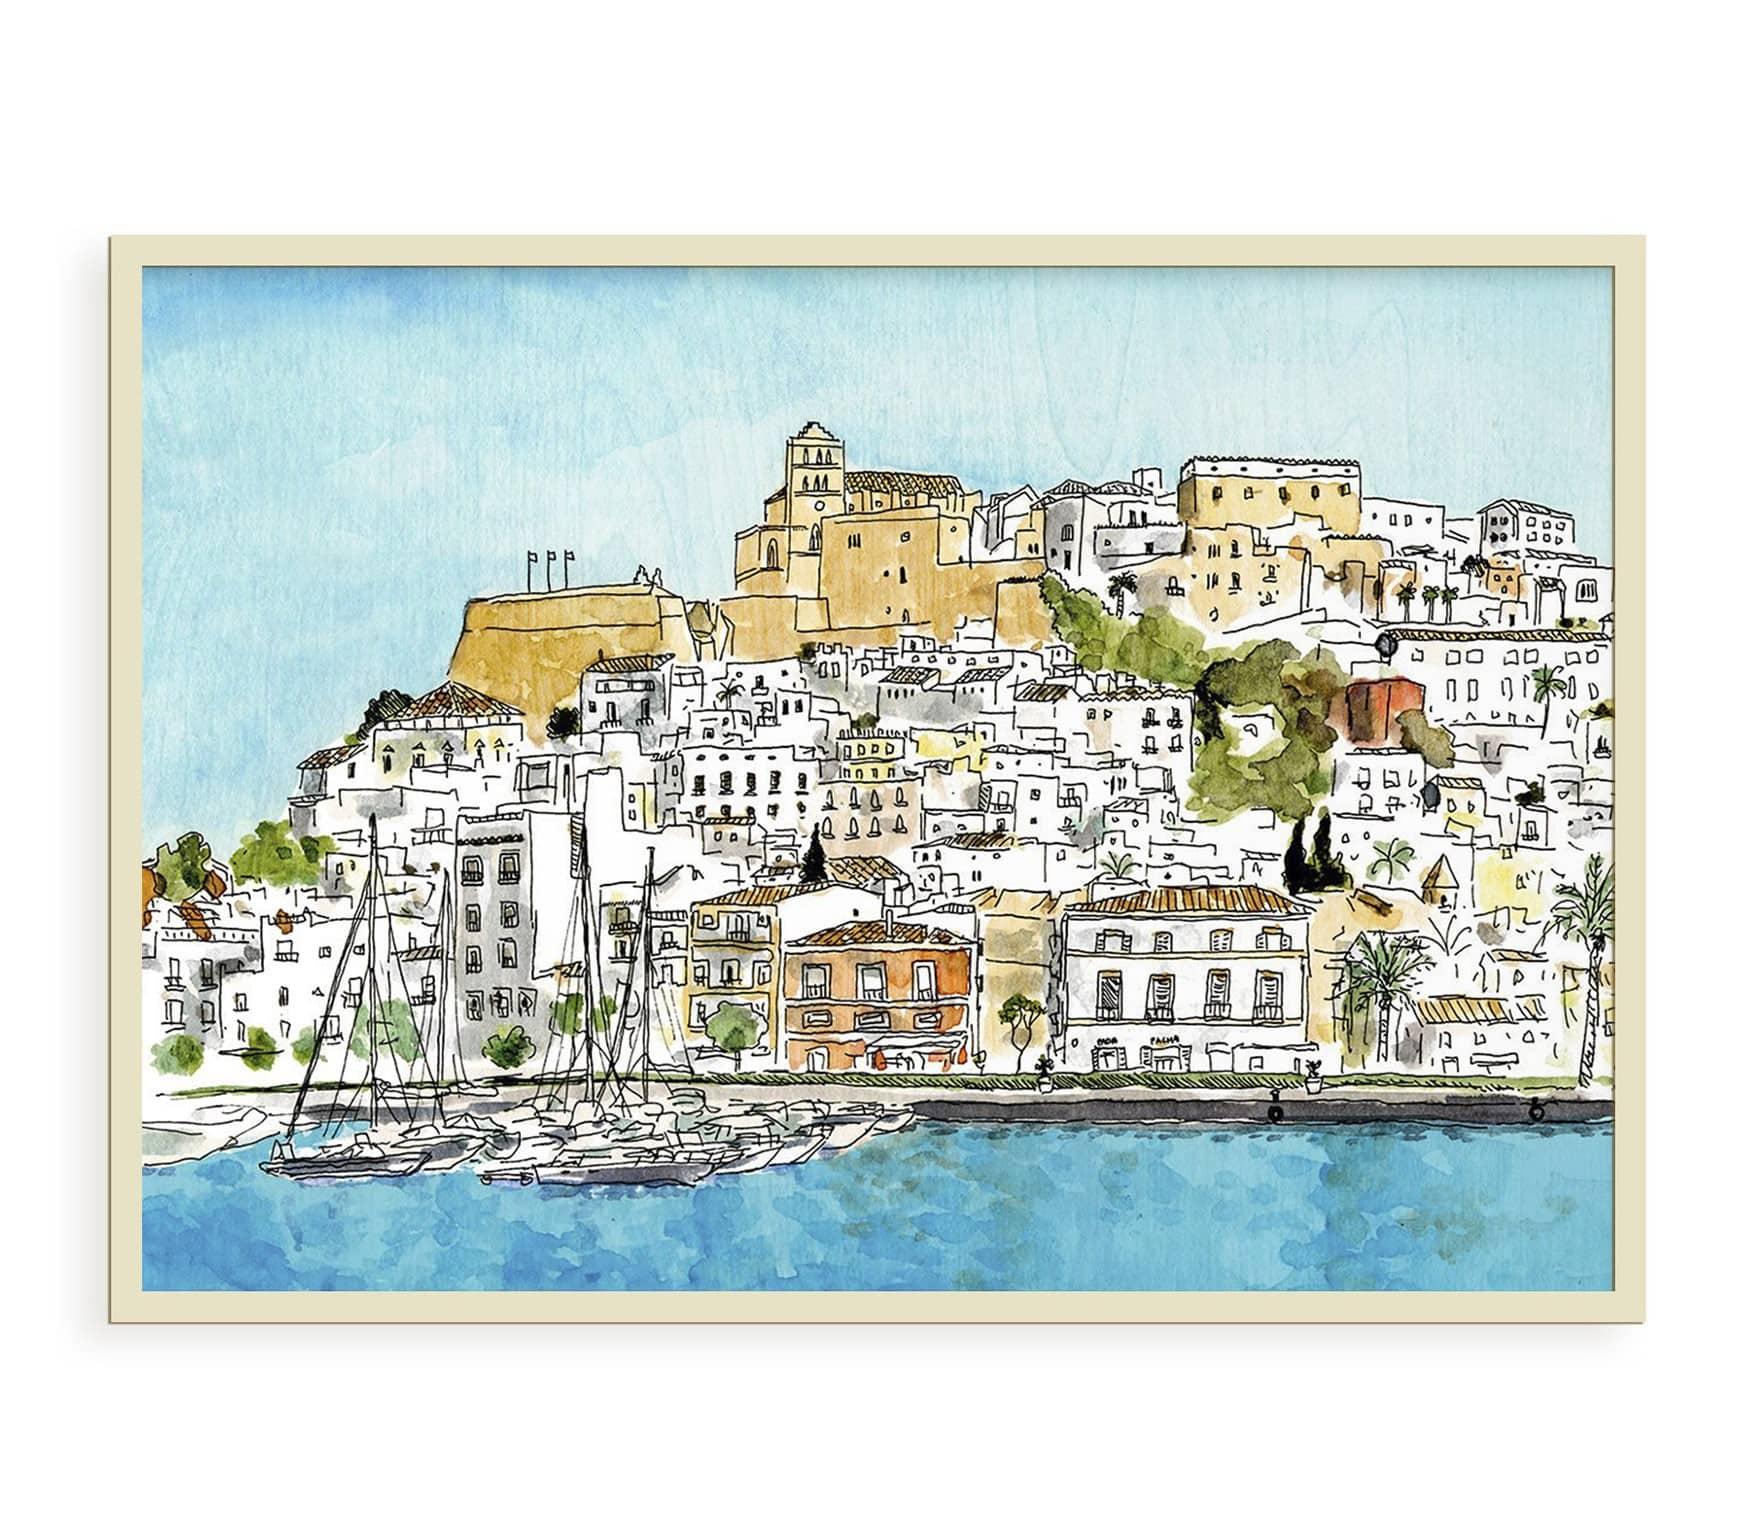 Lámina con el dibujo de Dalt Vila en la isla de Ibiza, Baleares, España. Ilustración en acuarela y tinta sobre papel. Impresión digital